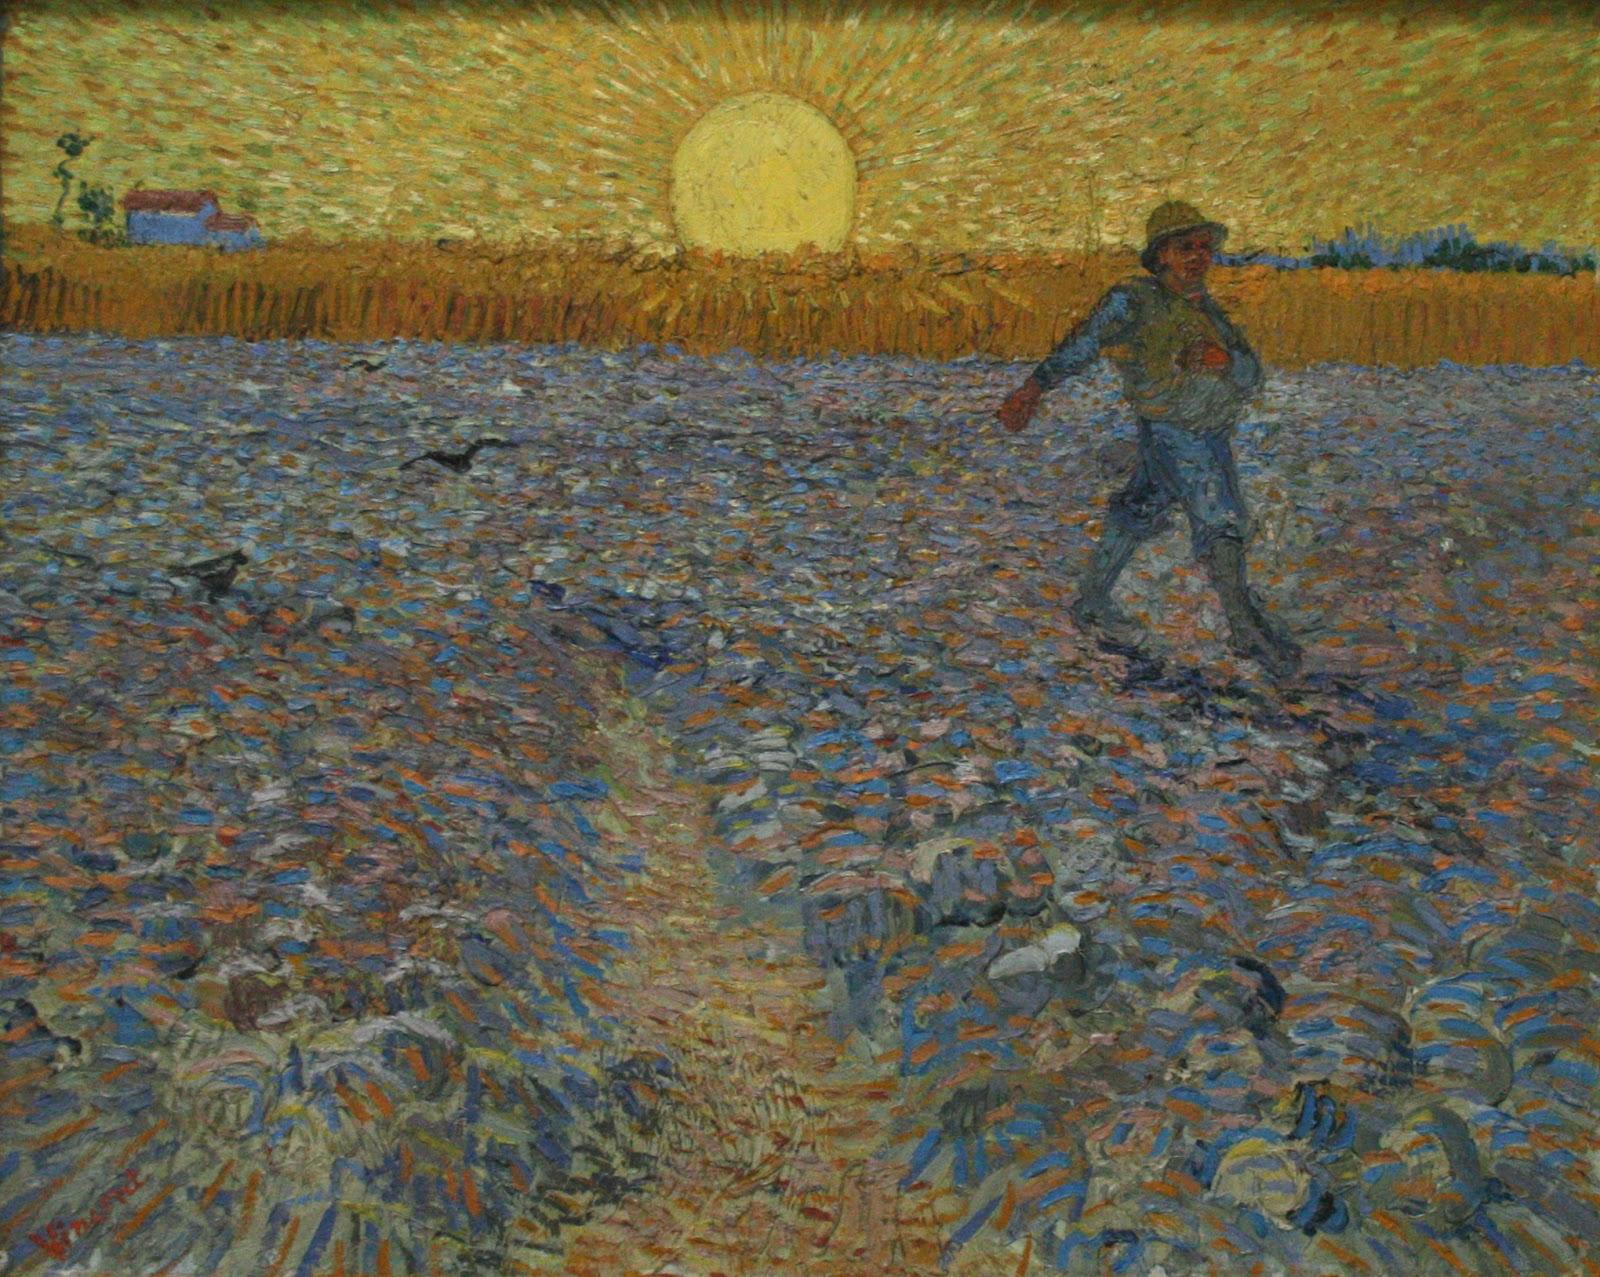 The_Sower_-_painting_by_Van_Gogh.jpg